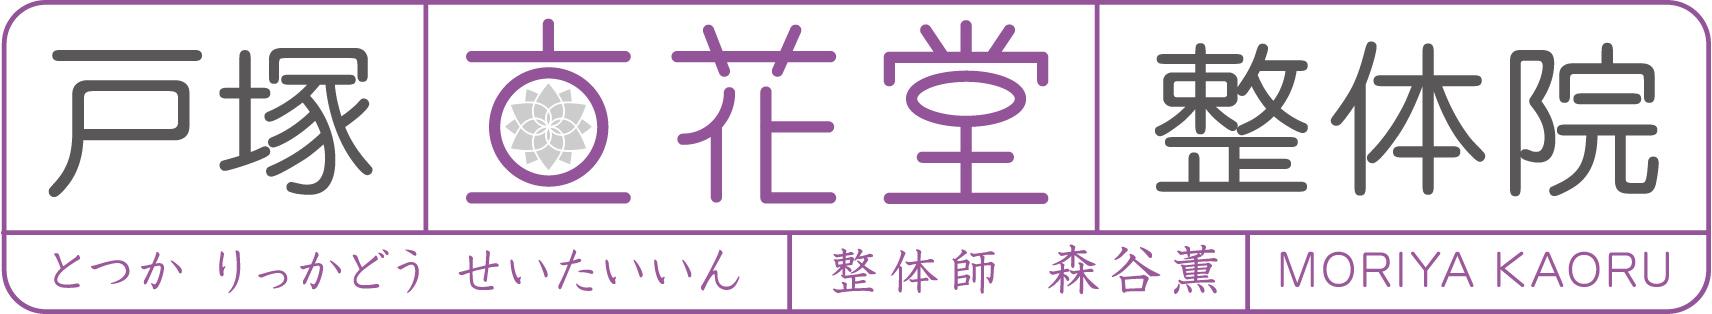 横浜・戸塚のアトピー専門整体院